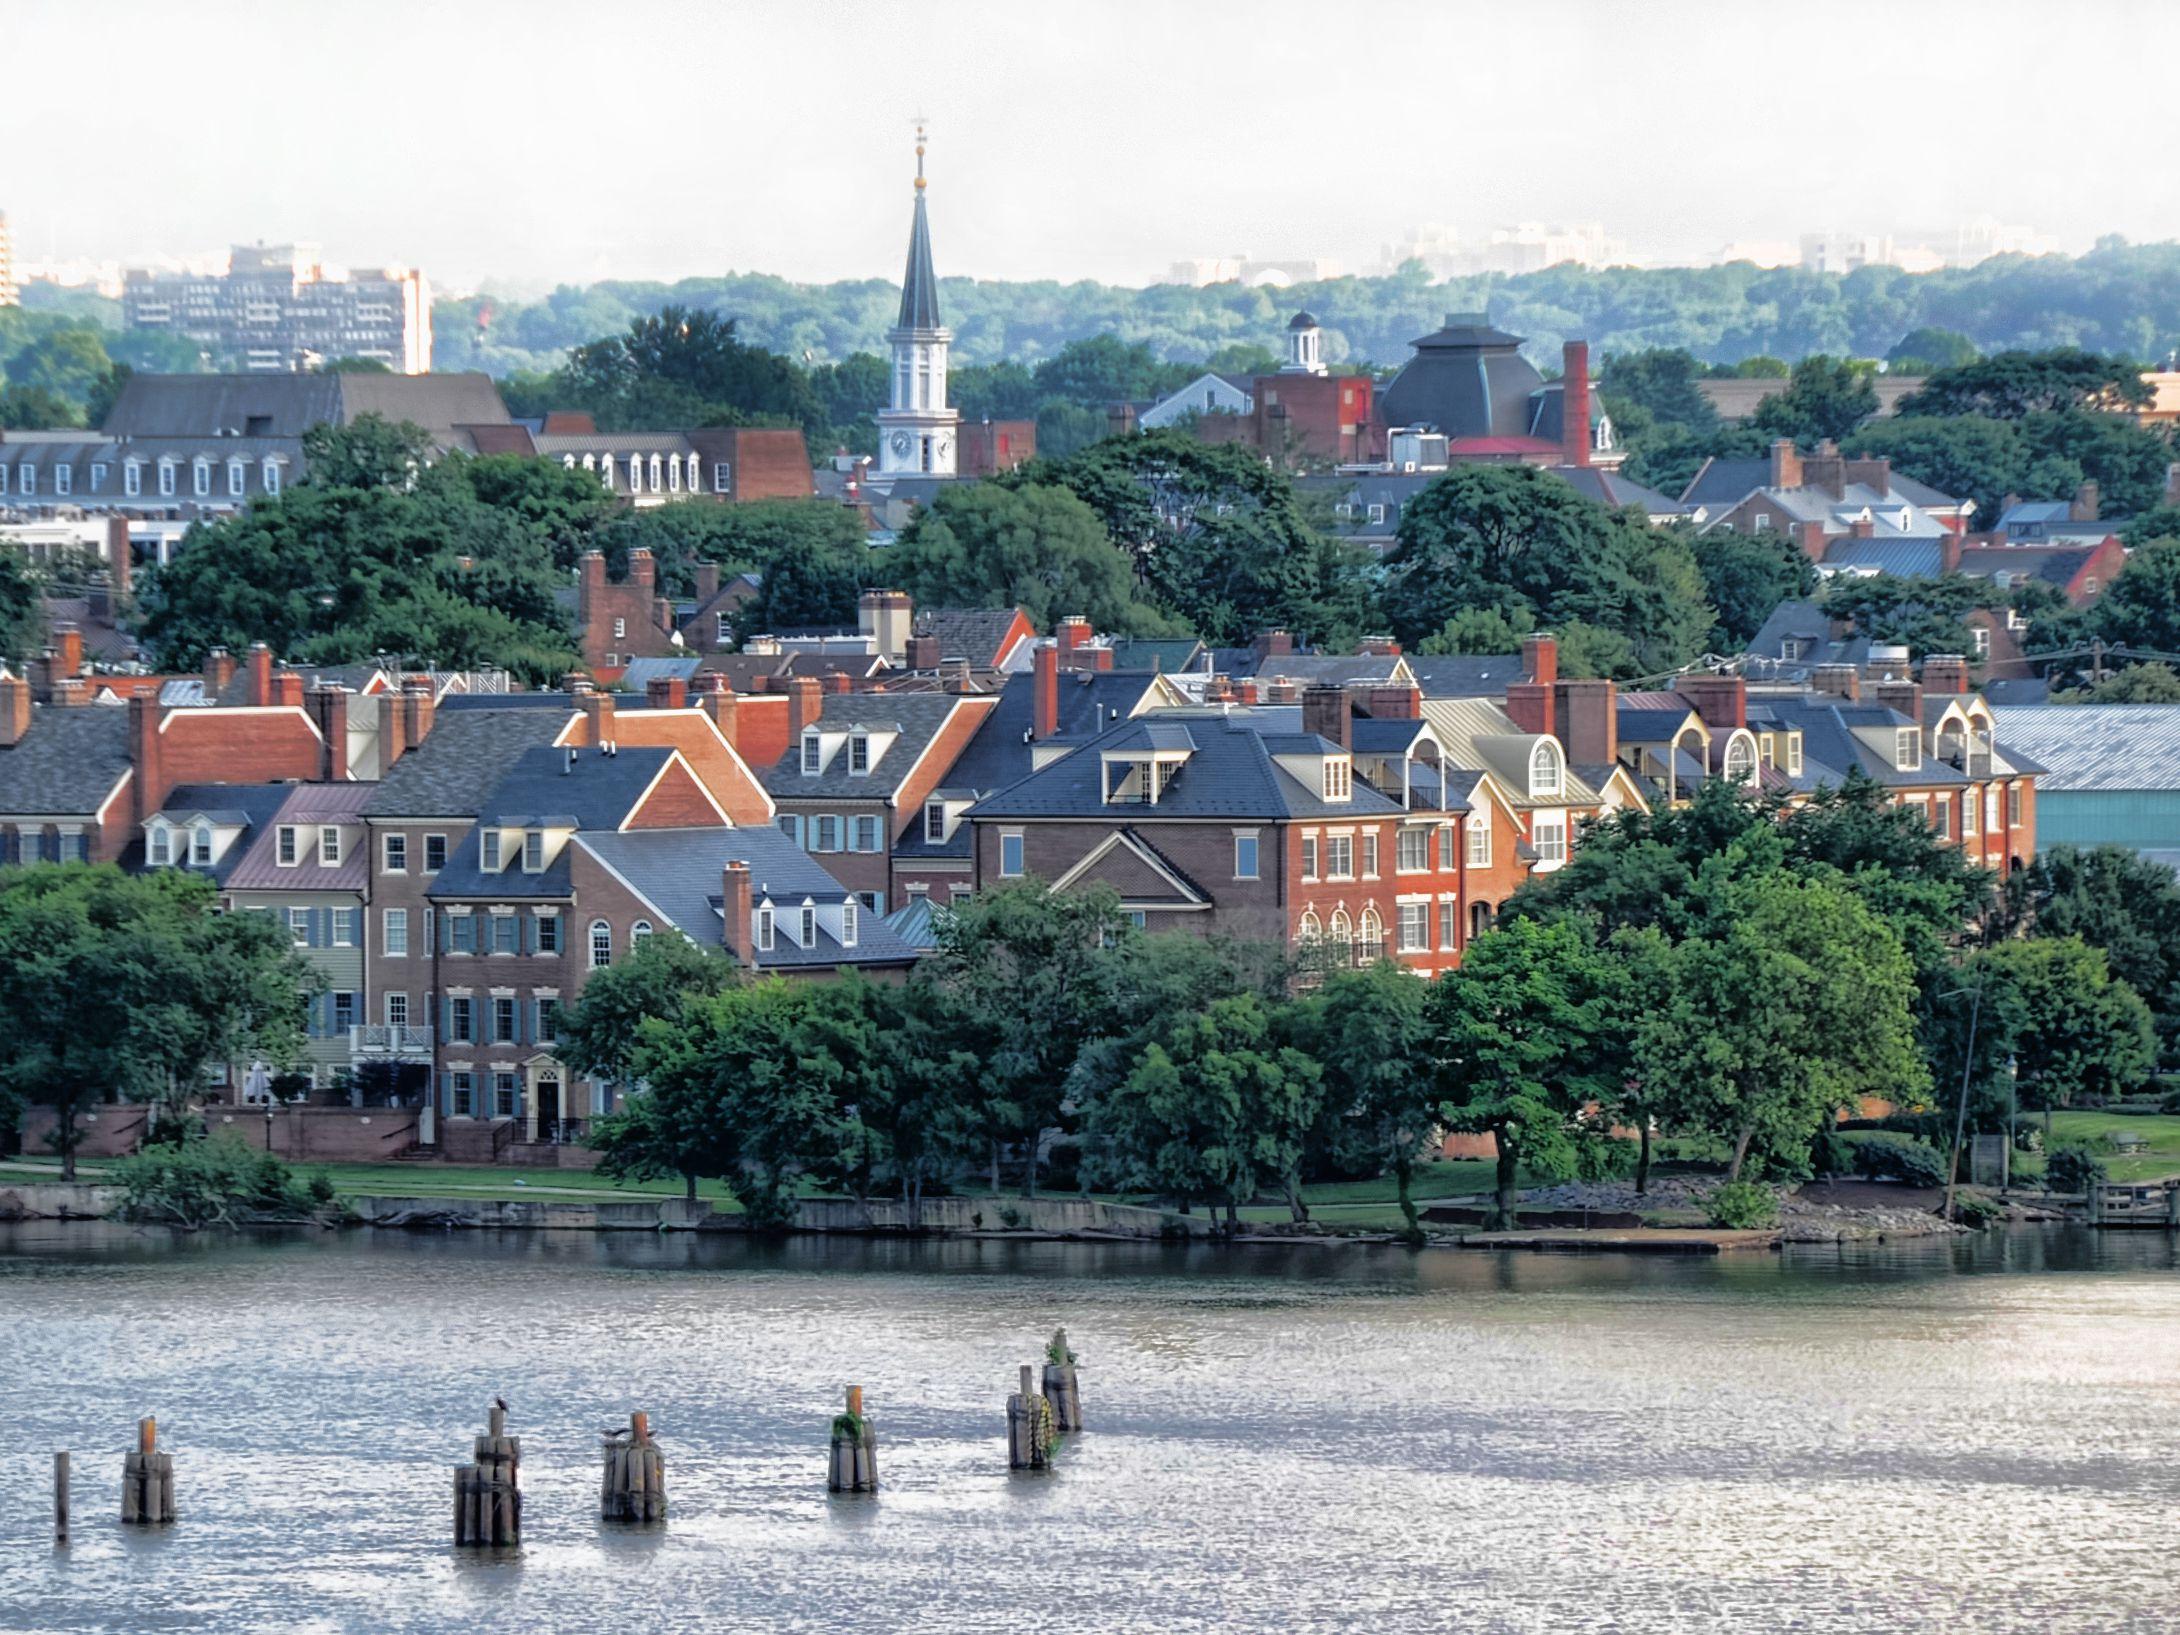 Restaurants In Old Town Alexandria Virginia